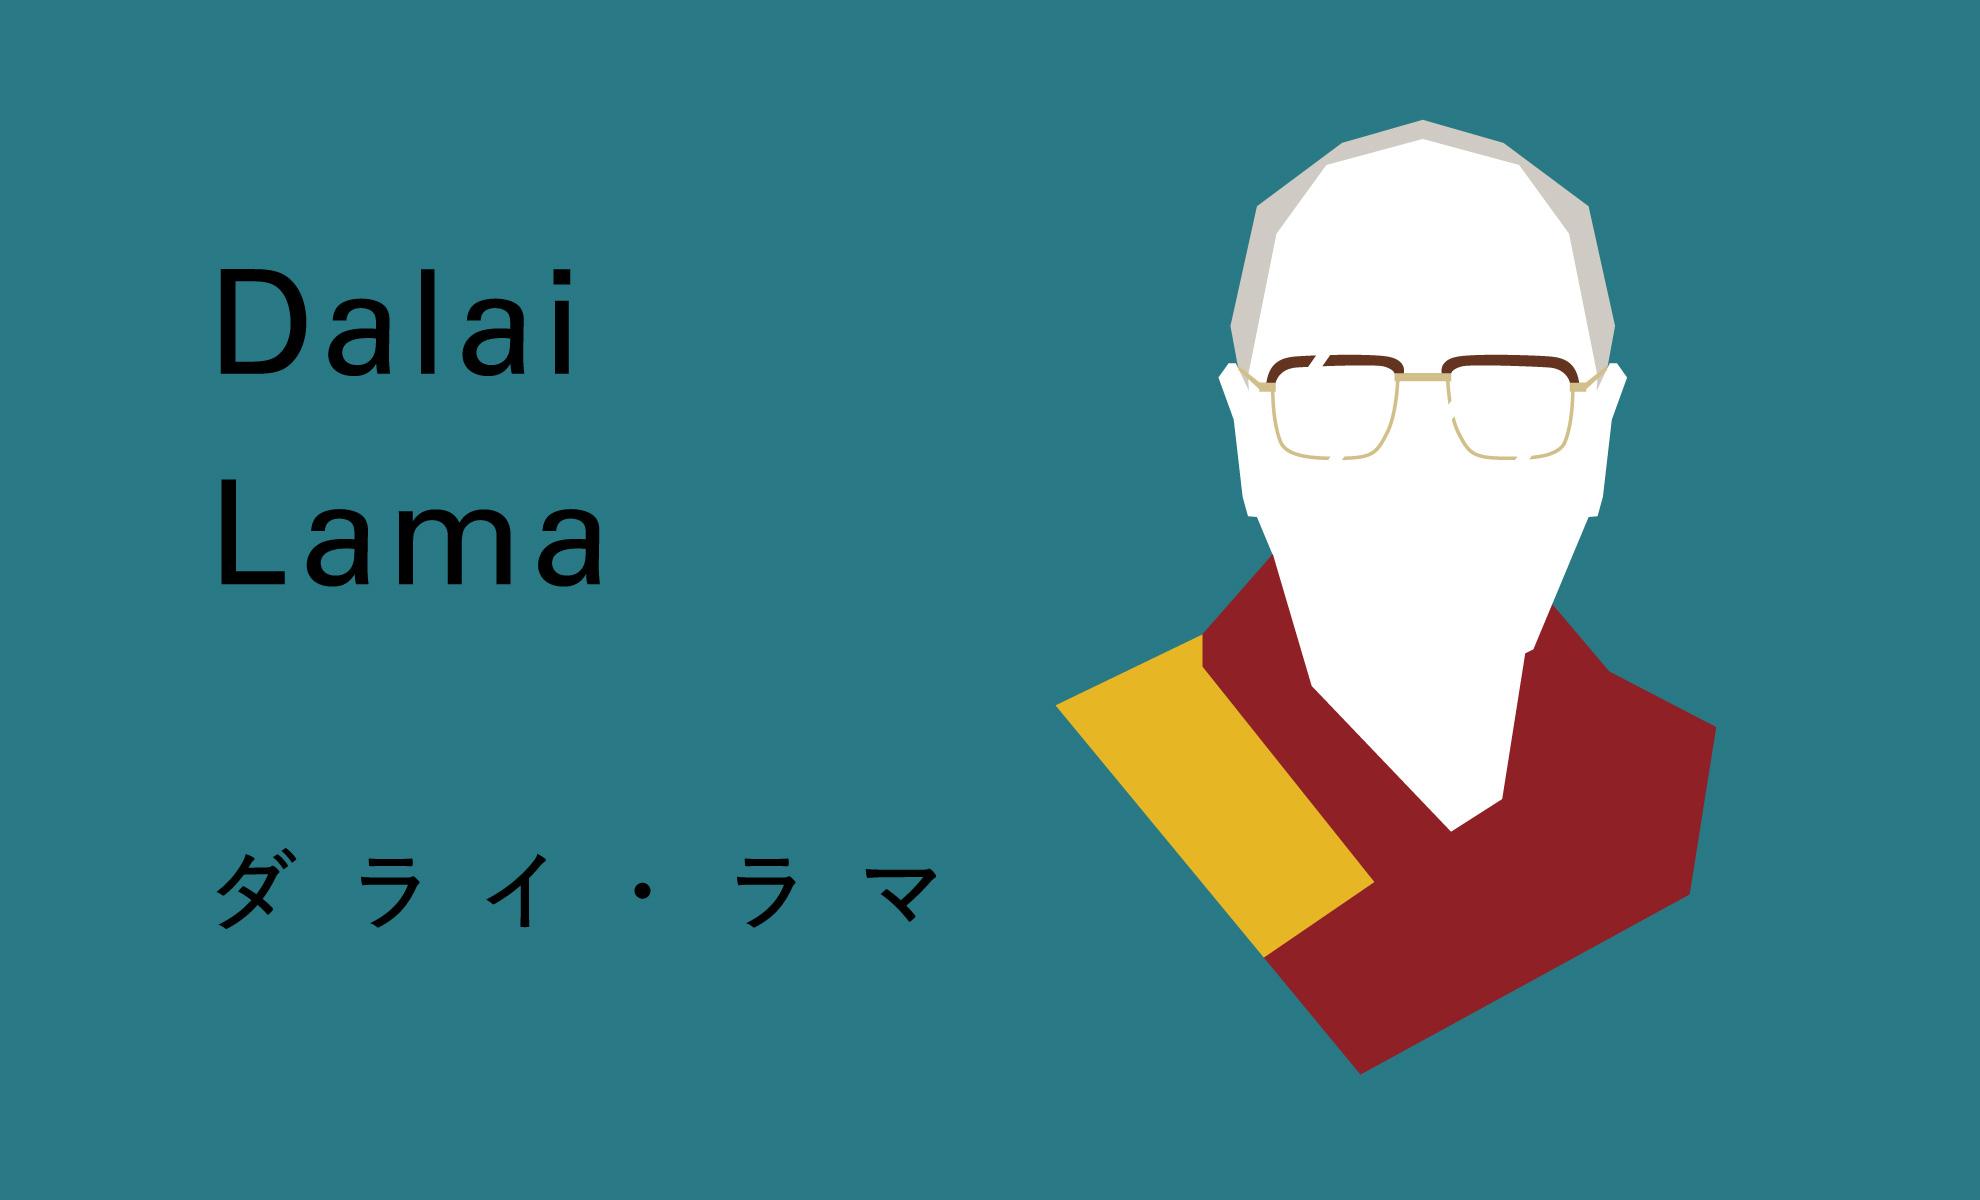 ダライラマ 画像